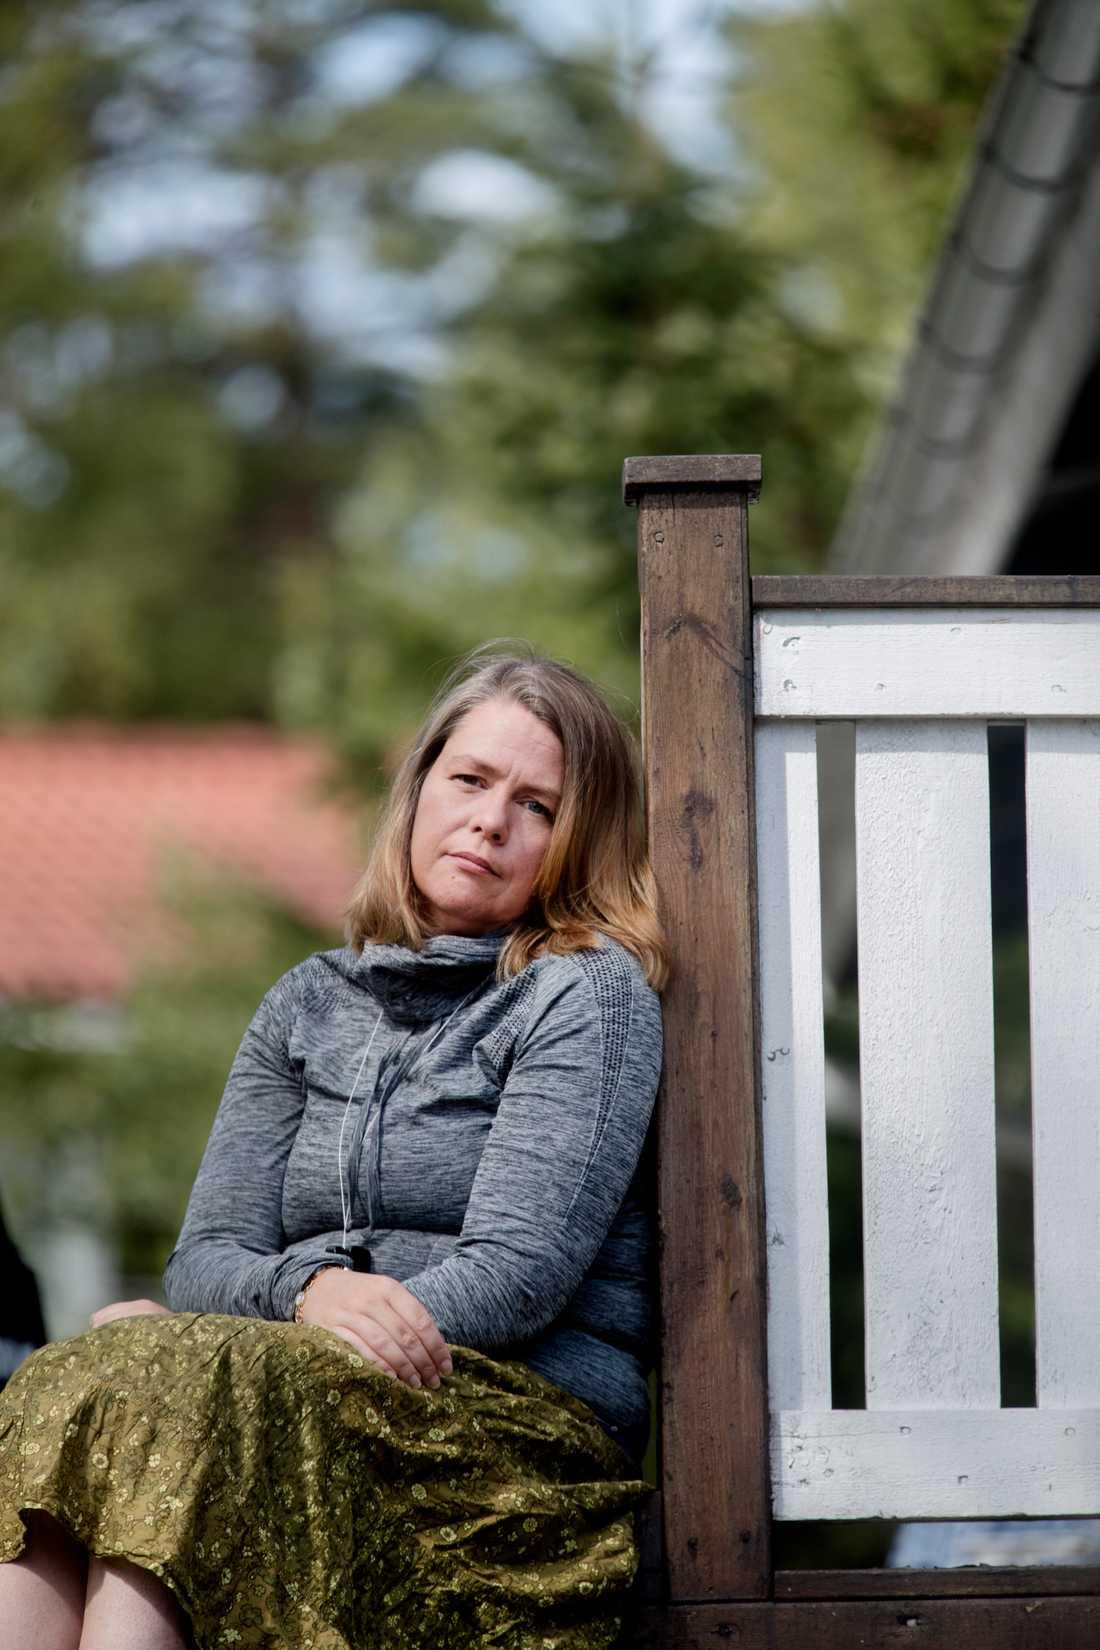 Åsa Kristoferson Hedlund har varit sjuk i bekräftad covid-19 sedan den 17 mars. Hon tycker det är bra att Socialstyrelsen ska kartlägga de långtidssjuka i covid-19, men är orolig för att de ska missa otestade patienter.